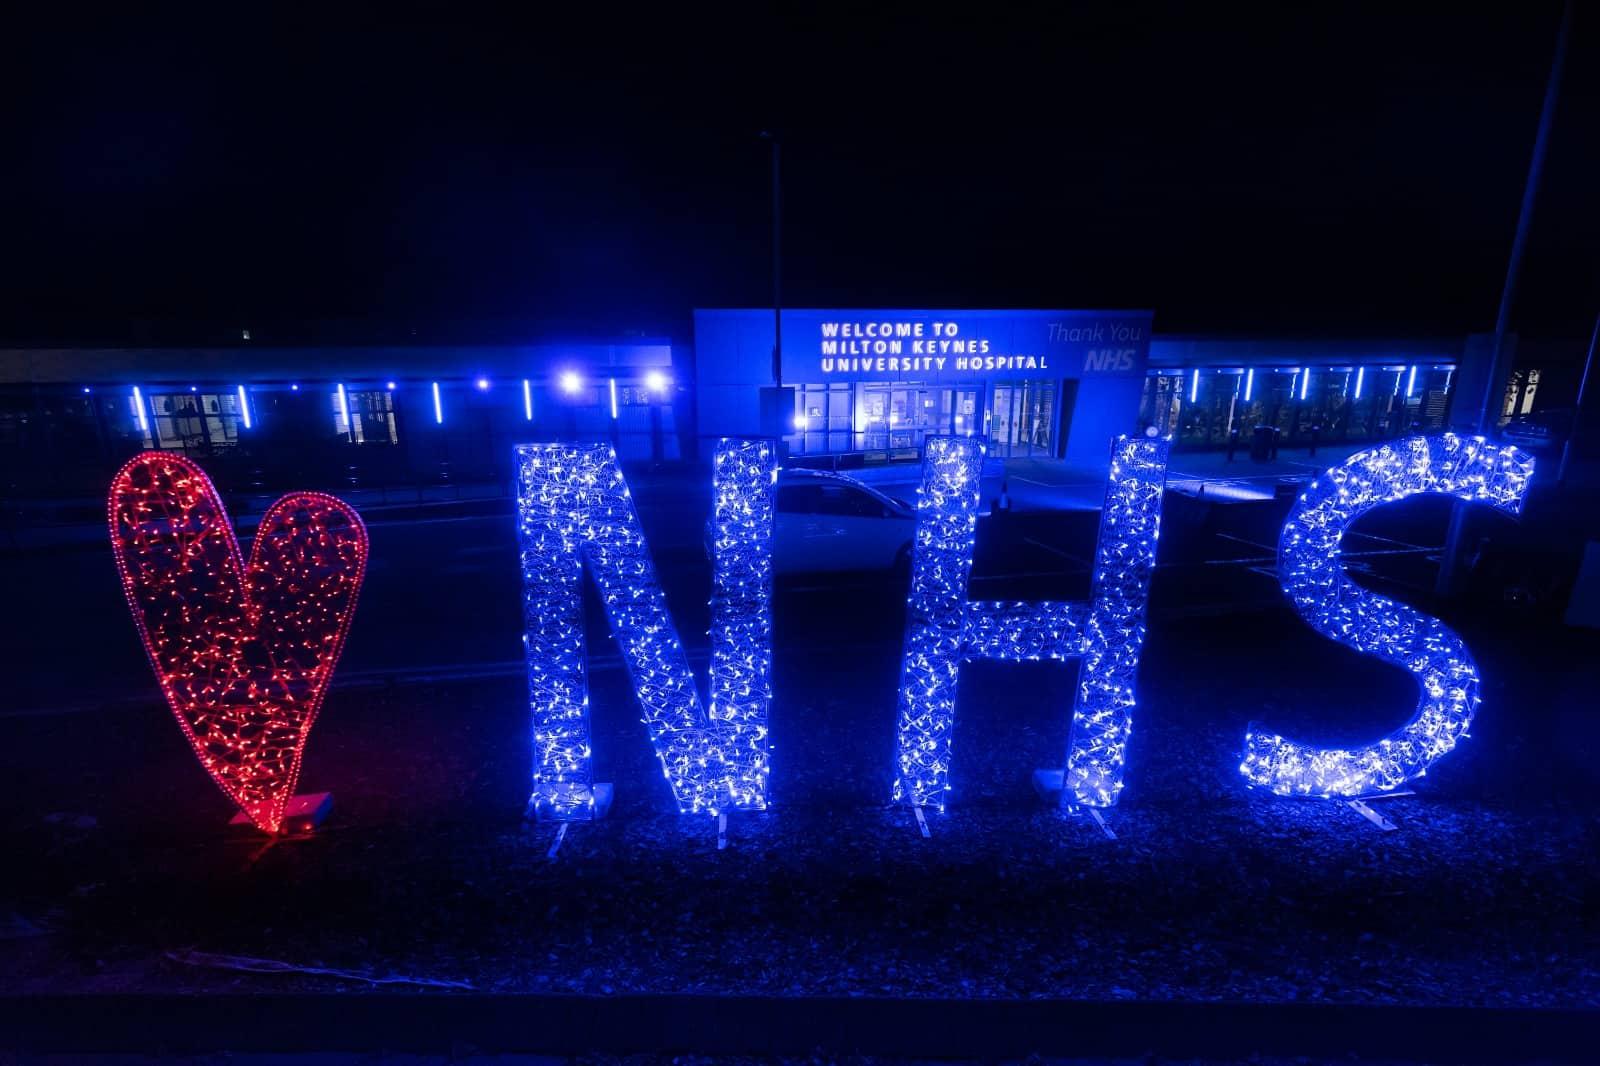 milton keynes university hospital nhs